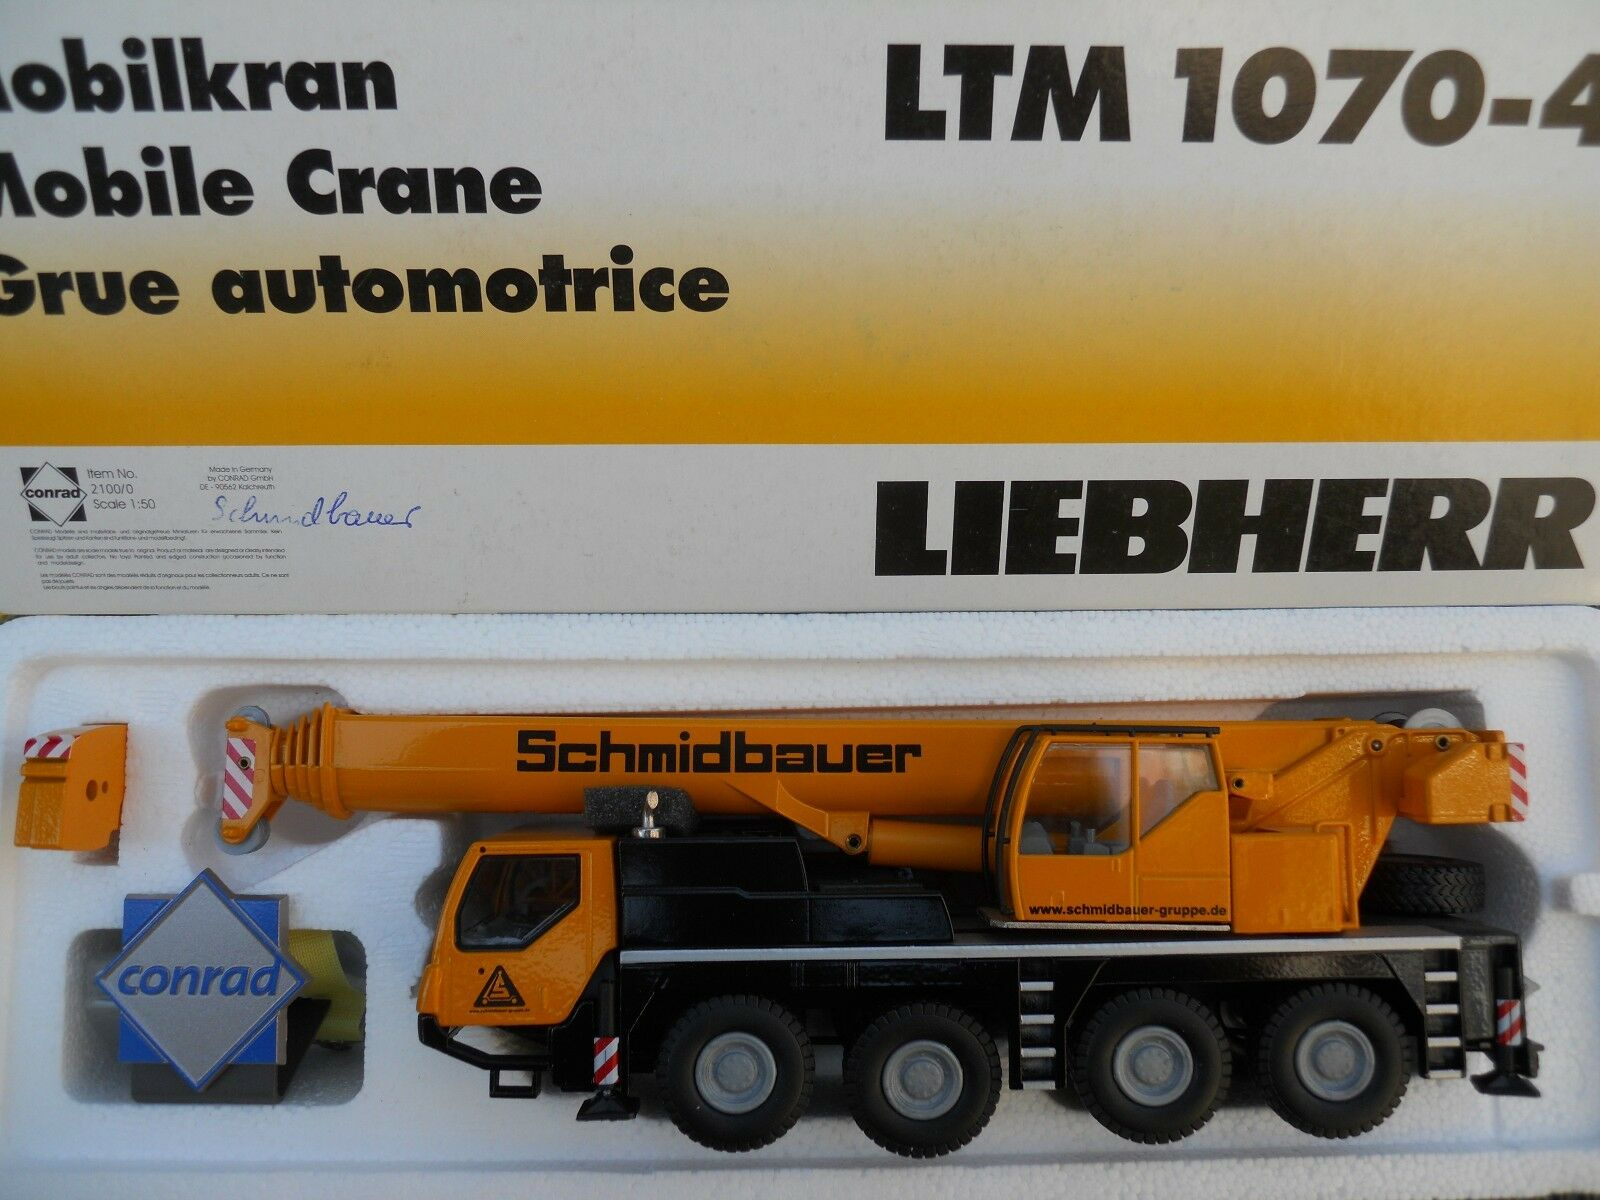 ventas en linea CONRAD 2100 LIEBHERR LTM 1070-4.1   SCHMIDBAUER SCHMIDBAUER SCHMIDBAUER    RARE  MINT IN BOX  promocionales de incentivo